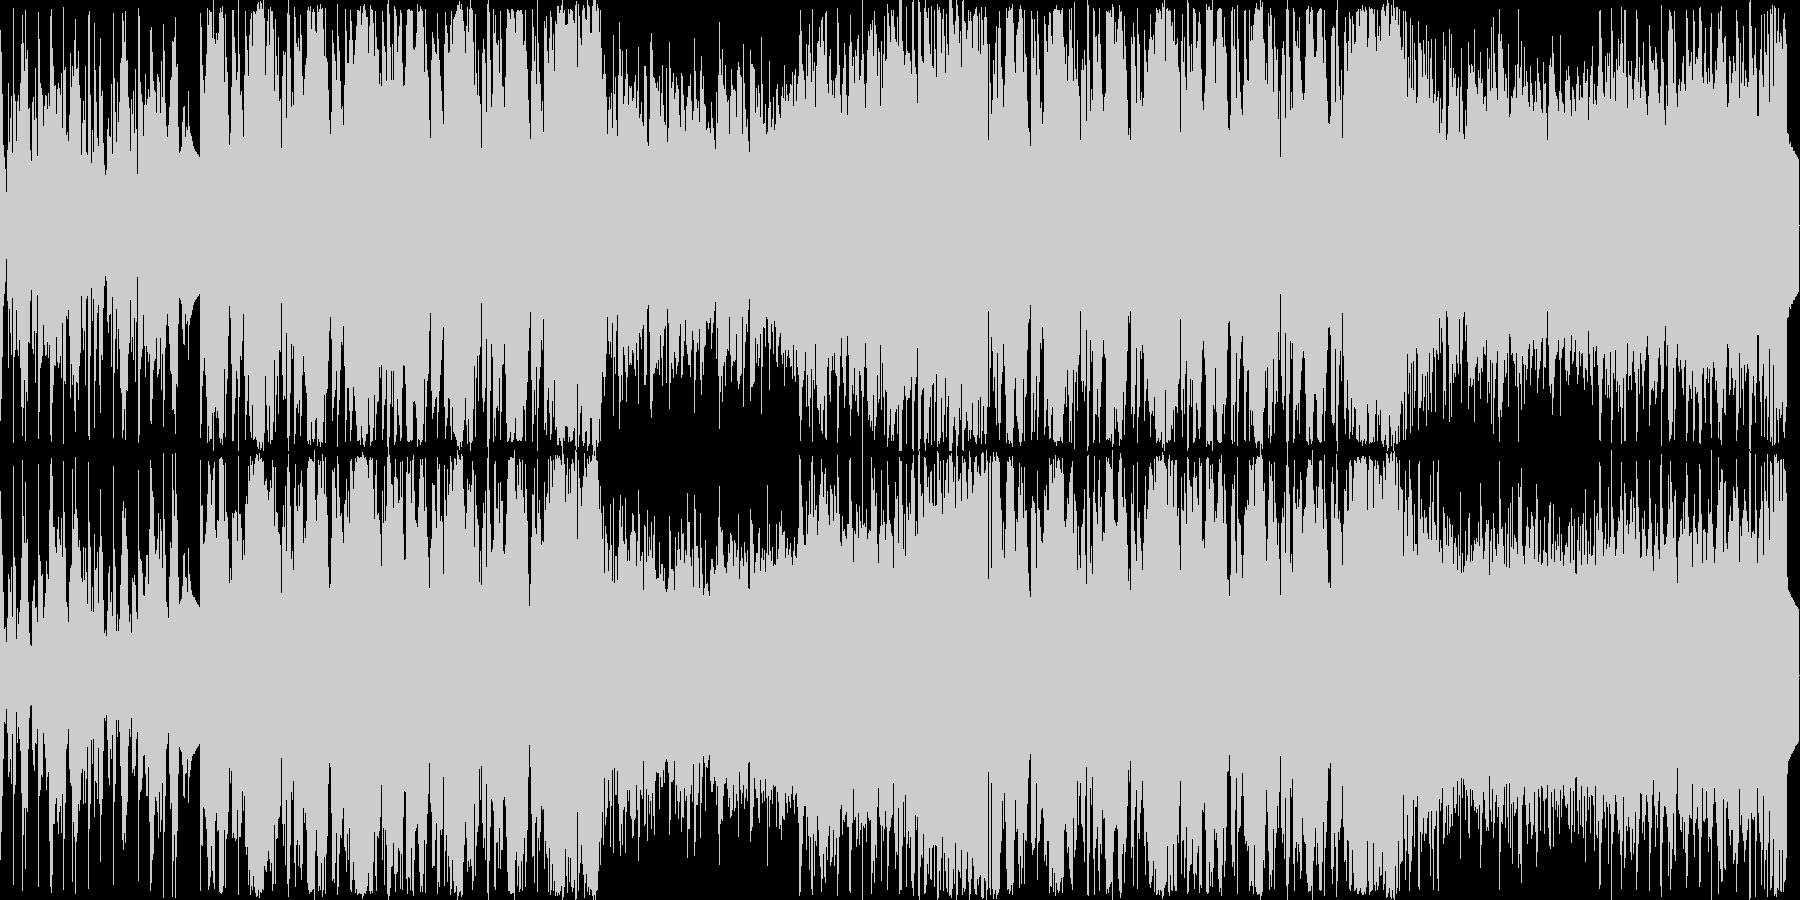 ダークファンタジーのゲーム曲の未再生の波形